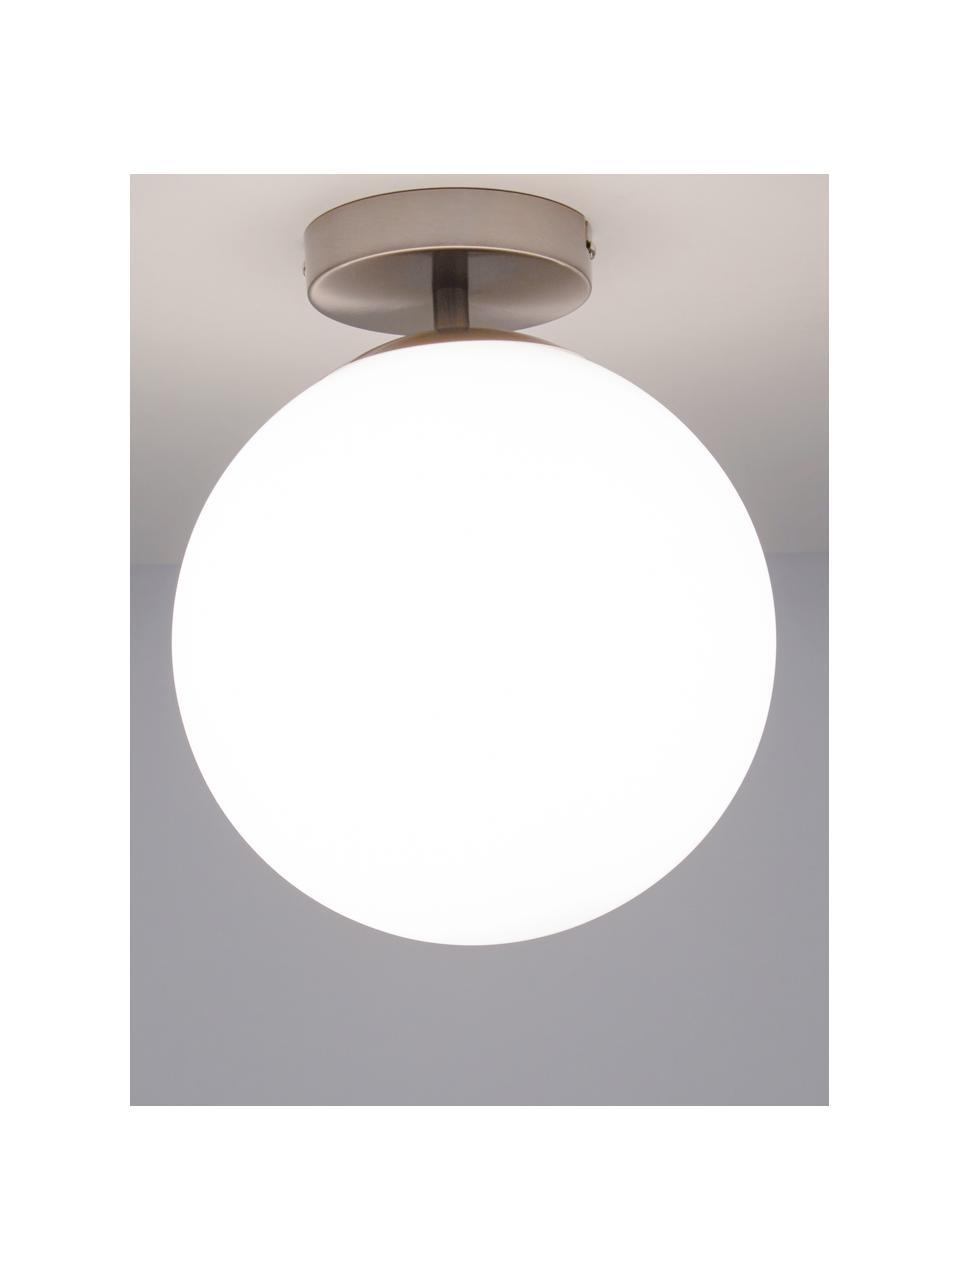 Lampada da soffitto in vetro Hitch, Baldacchino: metallo nichelato, Paralume: vetro, Baldacchino e rilegatura: argento opaco Paralume: bianco, Ø 25 x Alt. 30 cm